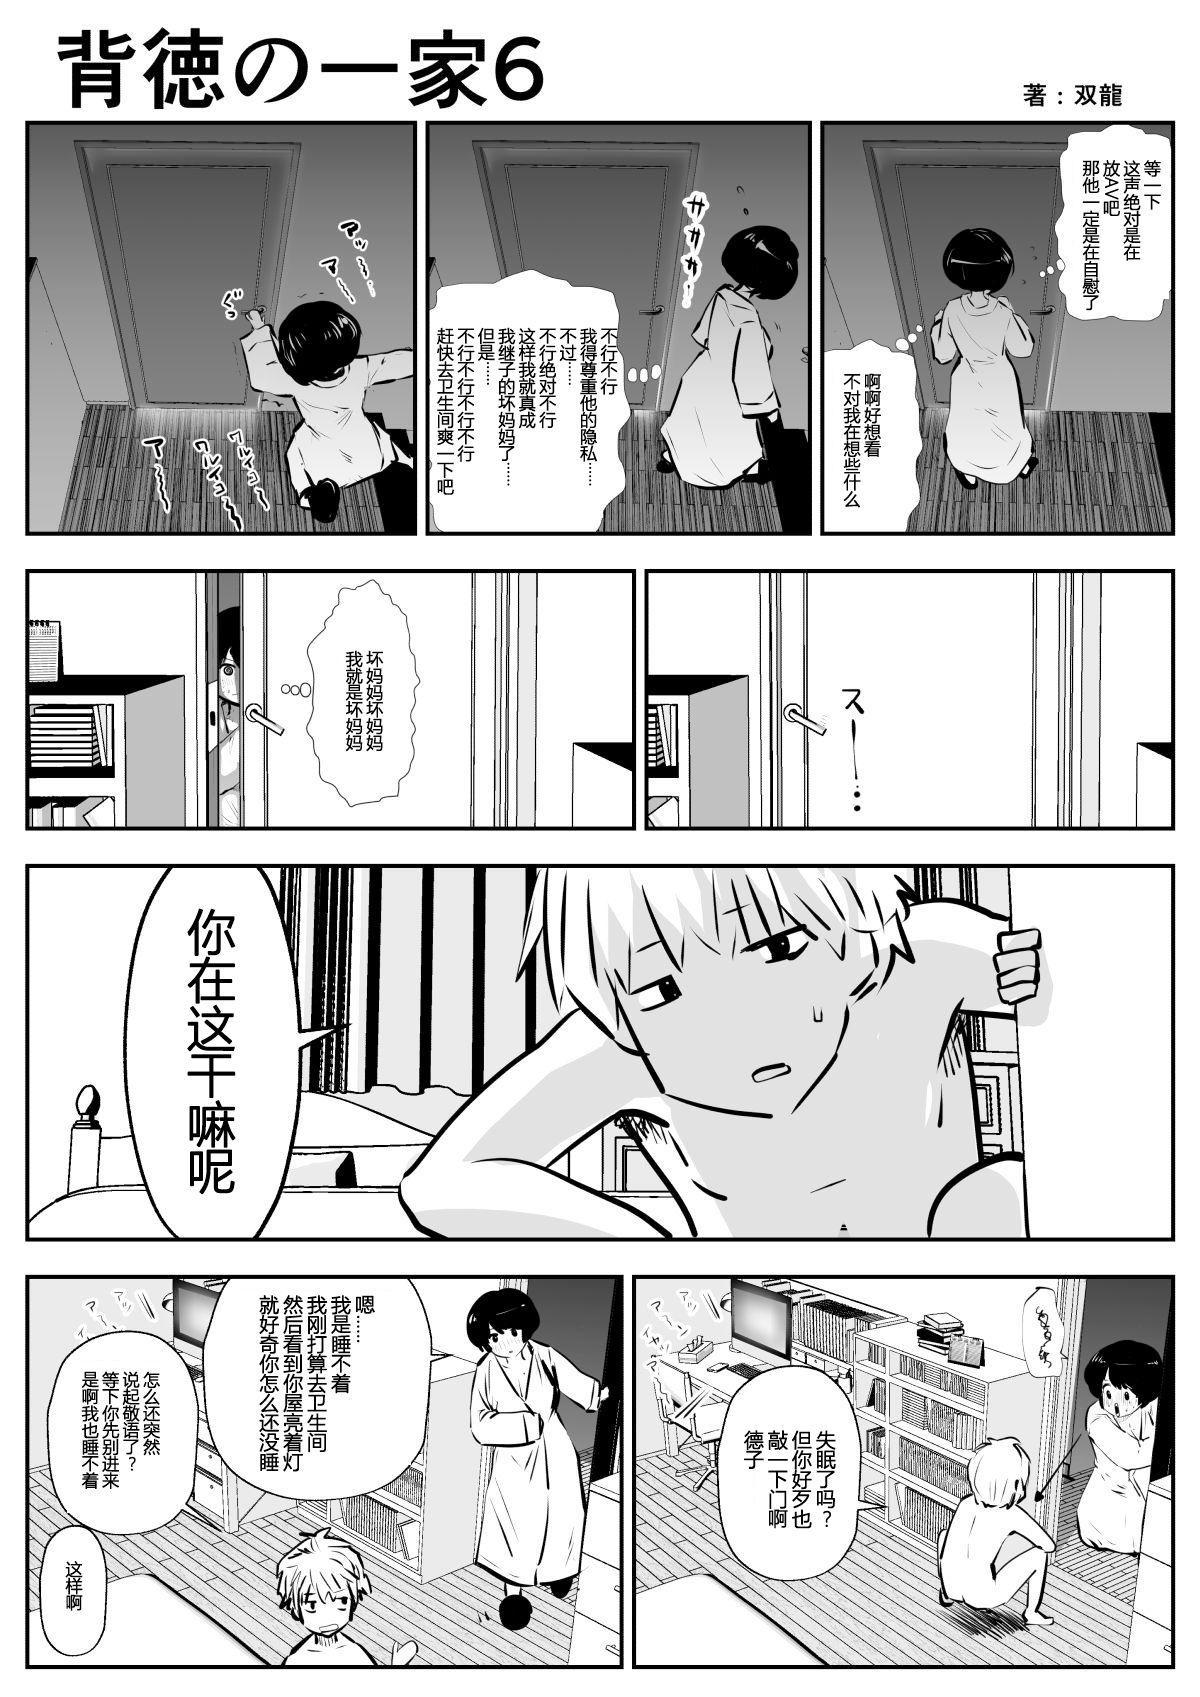 Haitoku no Ikka背德的一家 1-14 6